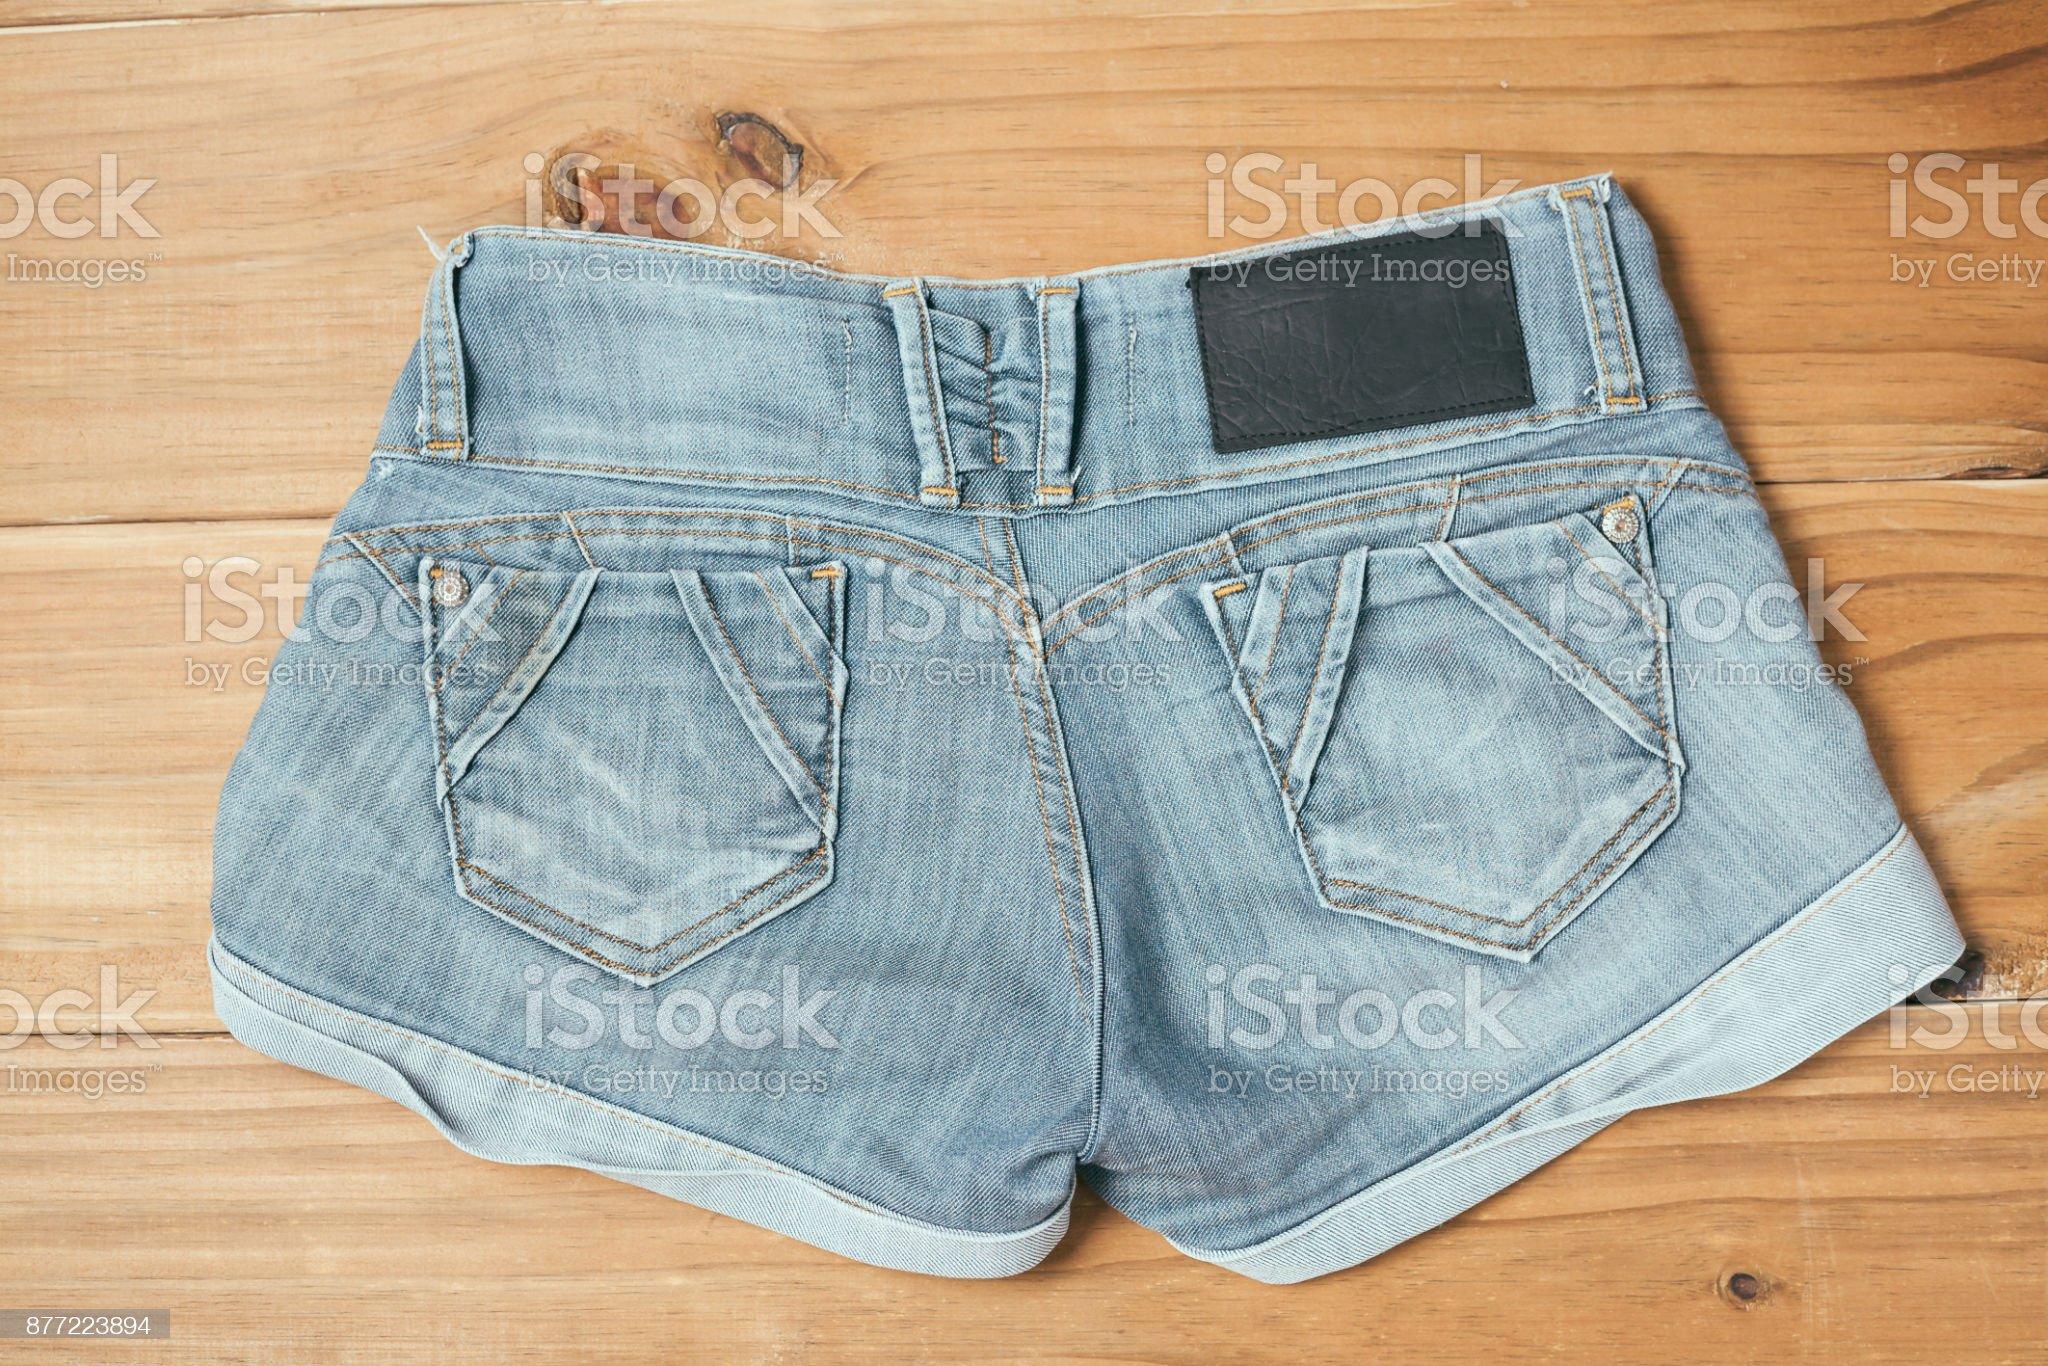 Imagen De Pantalones Cortos De Mujer Jeans Rotos Azul Sobre Fondo De Madera Vieja Fotografia De Stock